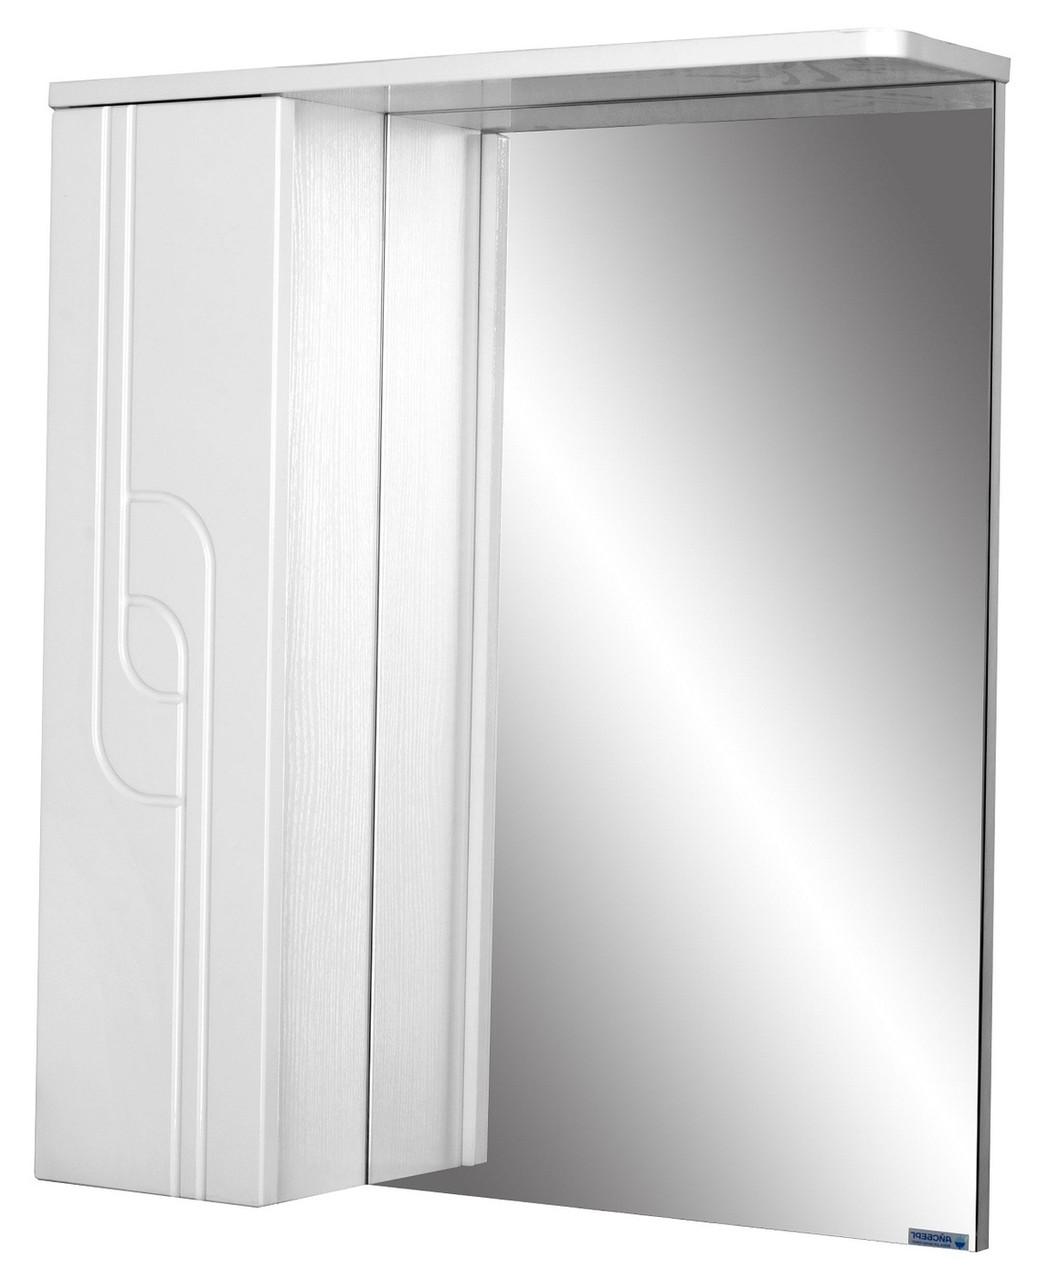 Шкаф-зеркало Лилия 50 левый  АЙСБЕРГ